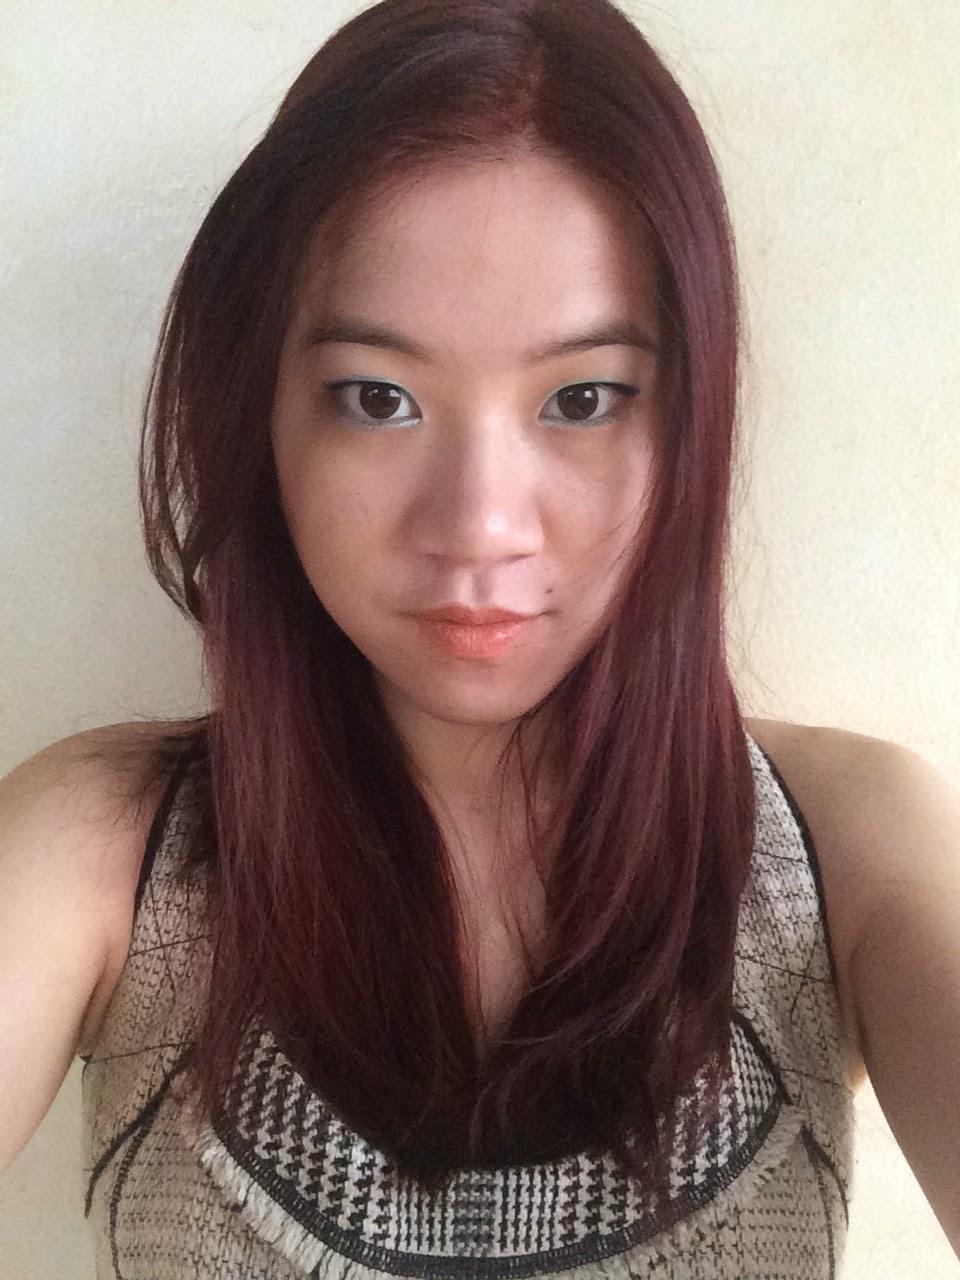 monolid make up